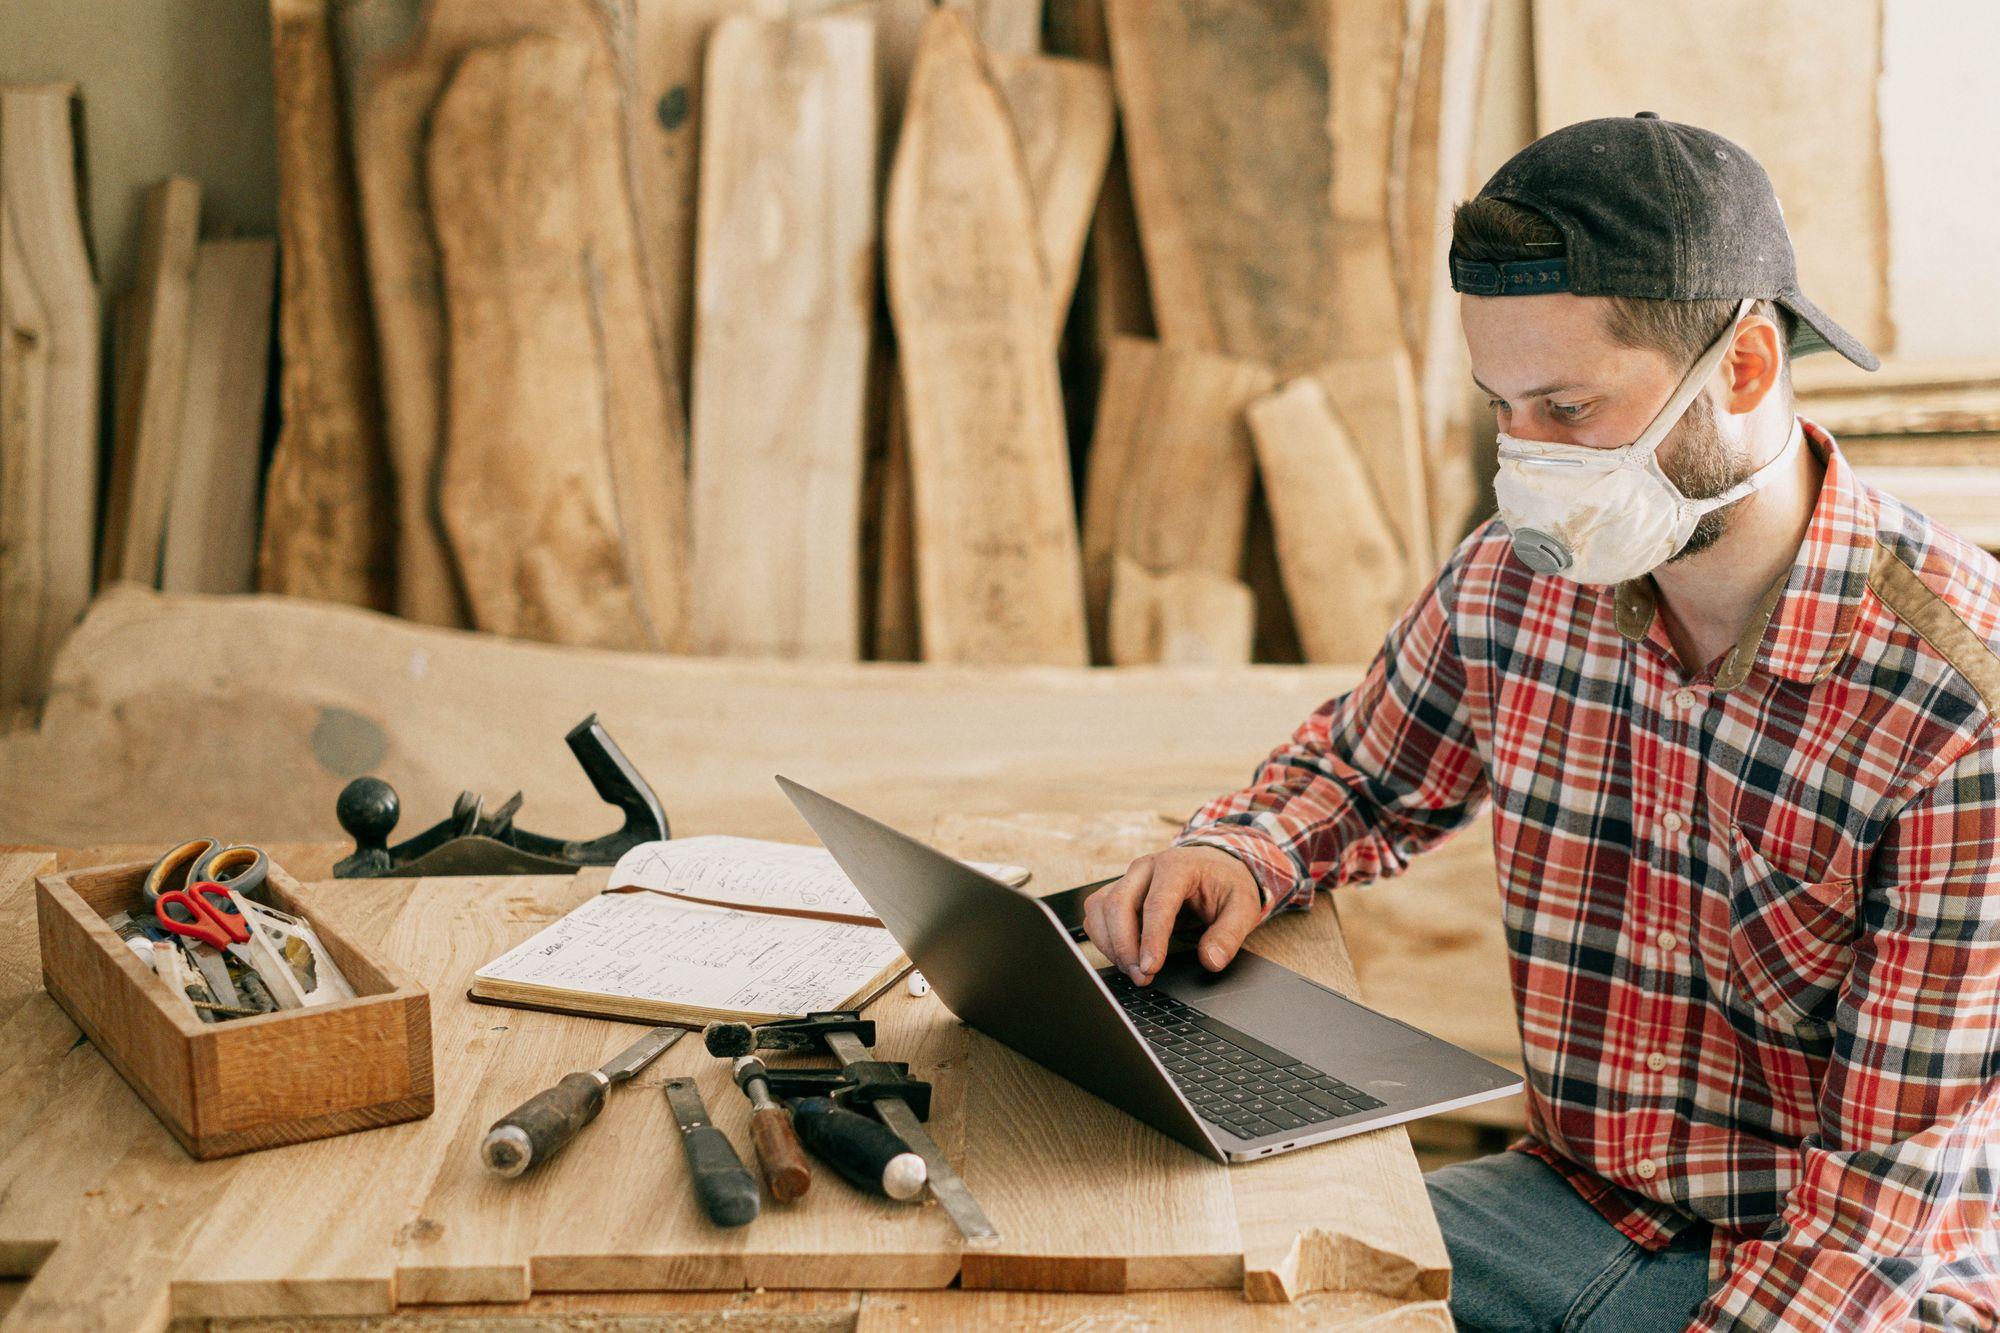 Zakup materiałów budowlanych przez Internet - czy warto?